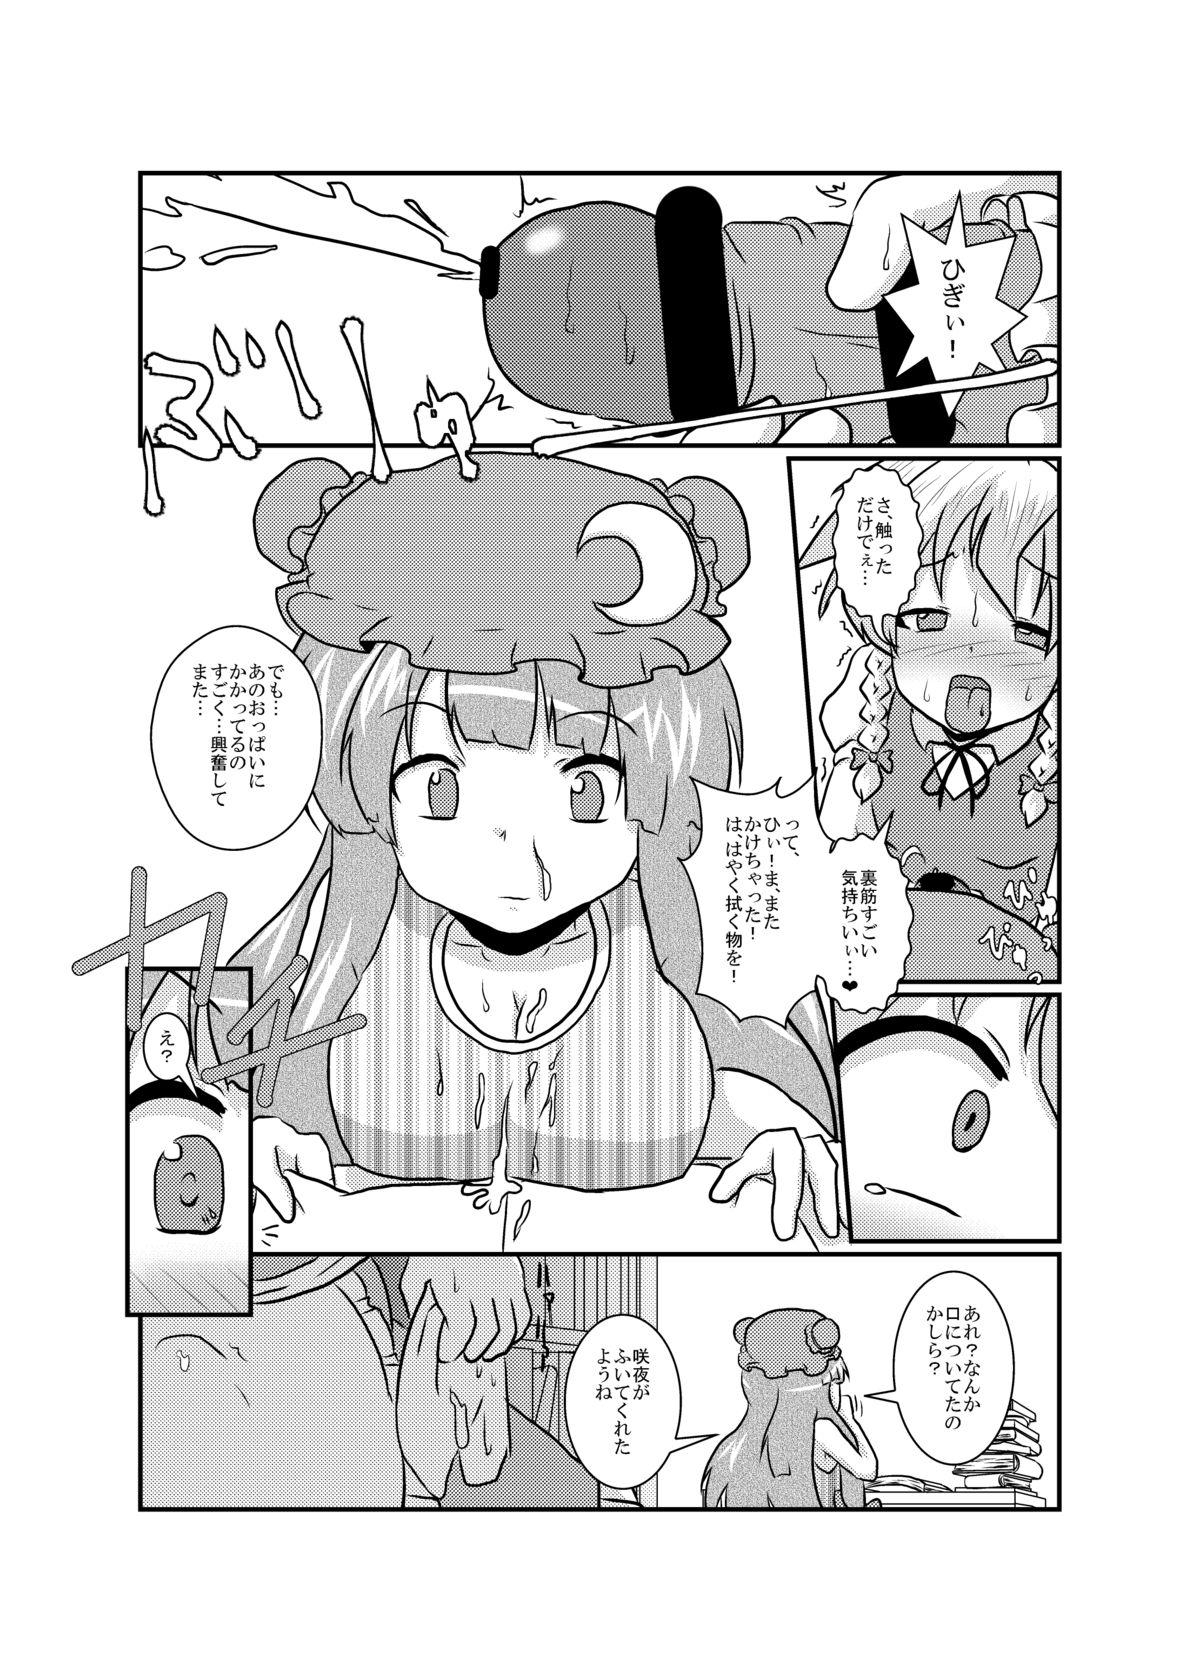 Sakuya-San no Haeteru Nichijou 13